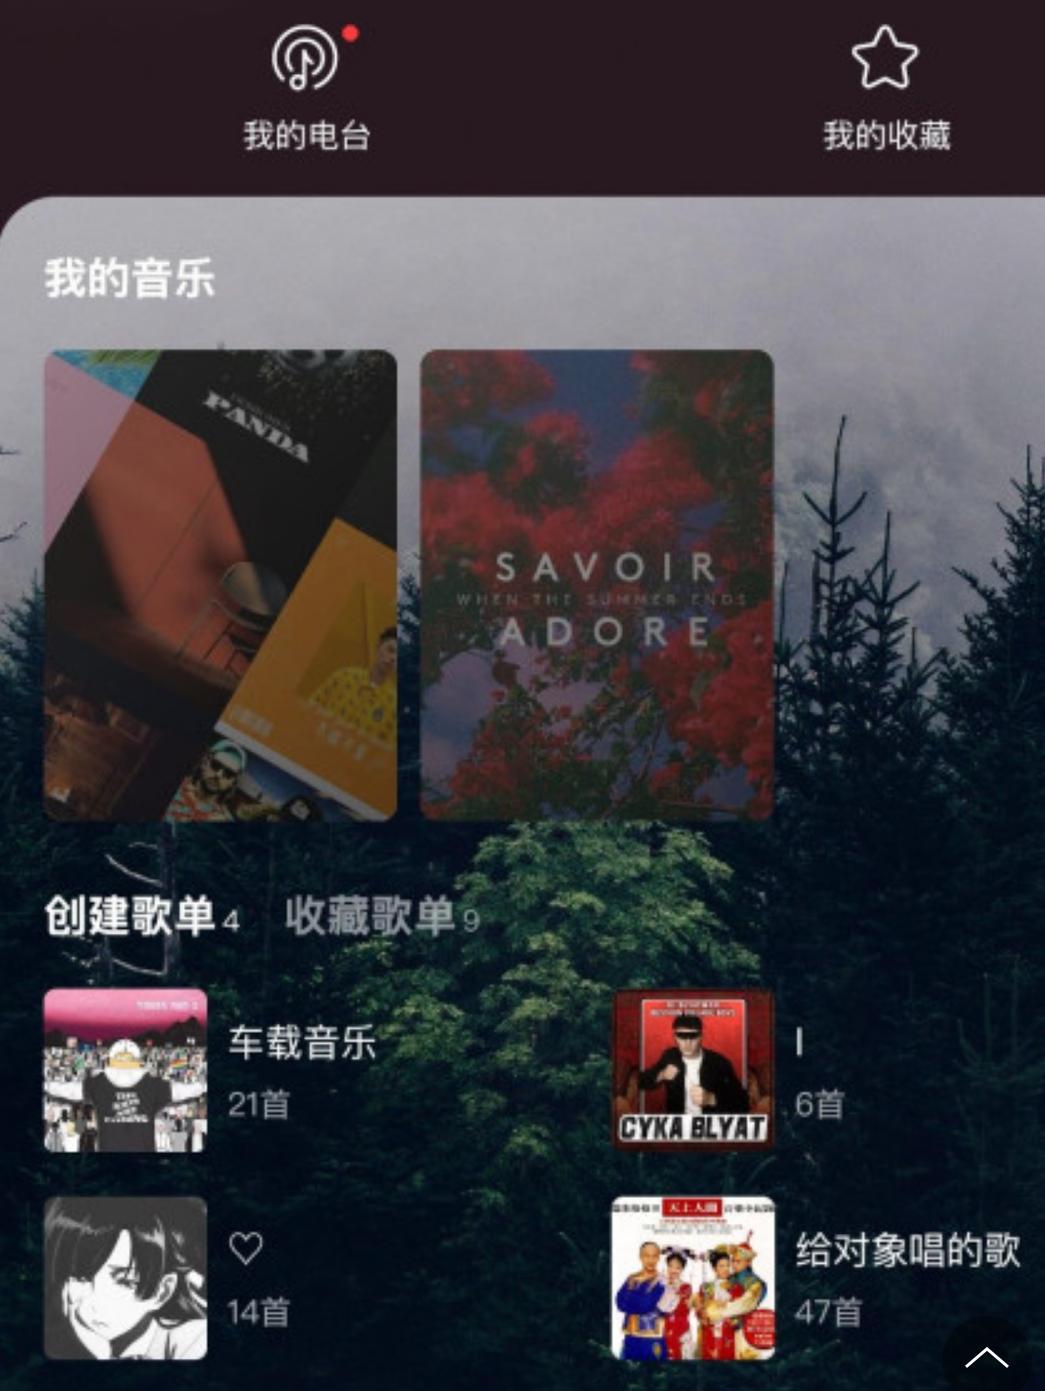 网易云音乐v7.0.0去推荐_破解_黑胶_会员版